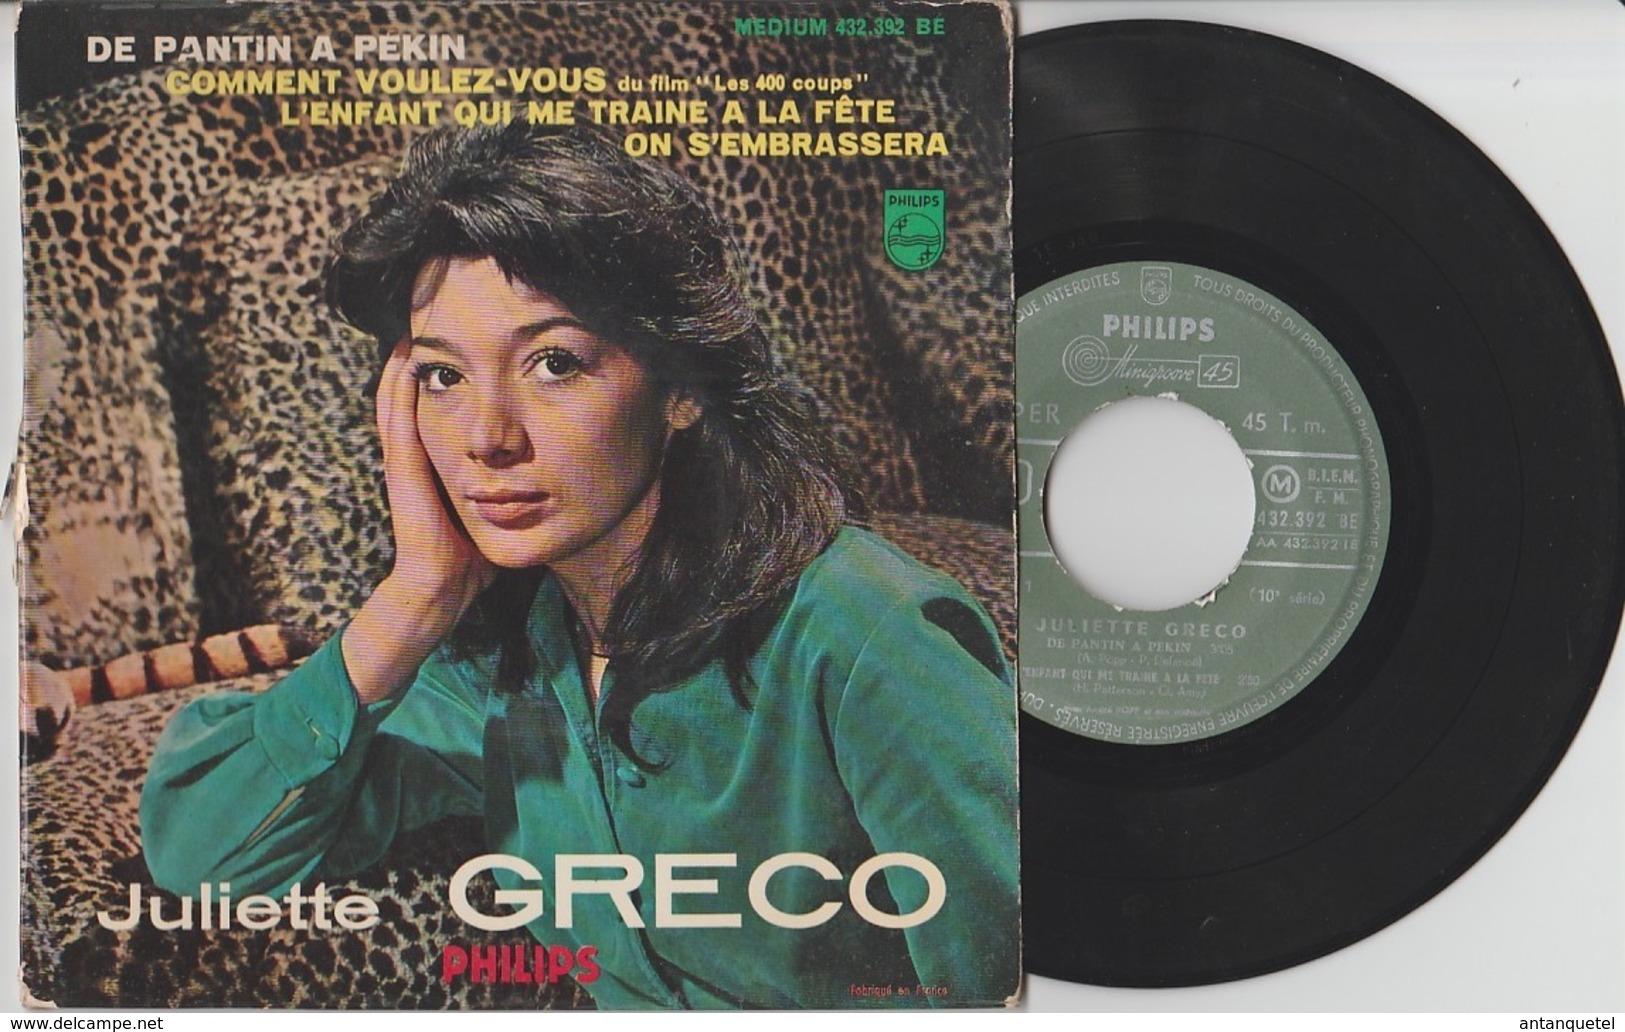 Disque Vinyle 45 Tours—Juliette Gréco—De Pantin à Pékin—432 392 BE—1960 - 45 Rpm - Maxi-Singles